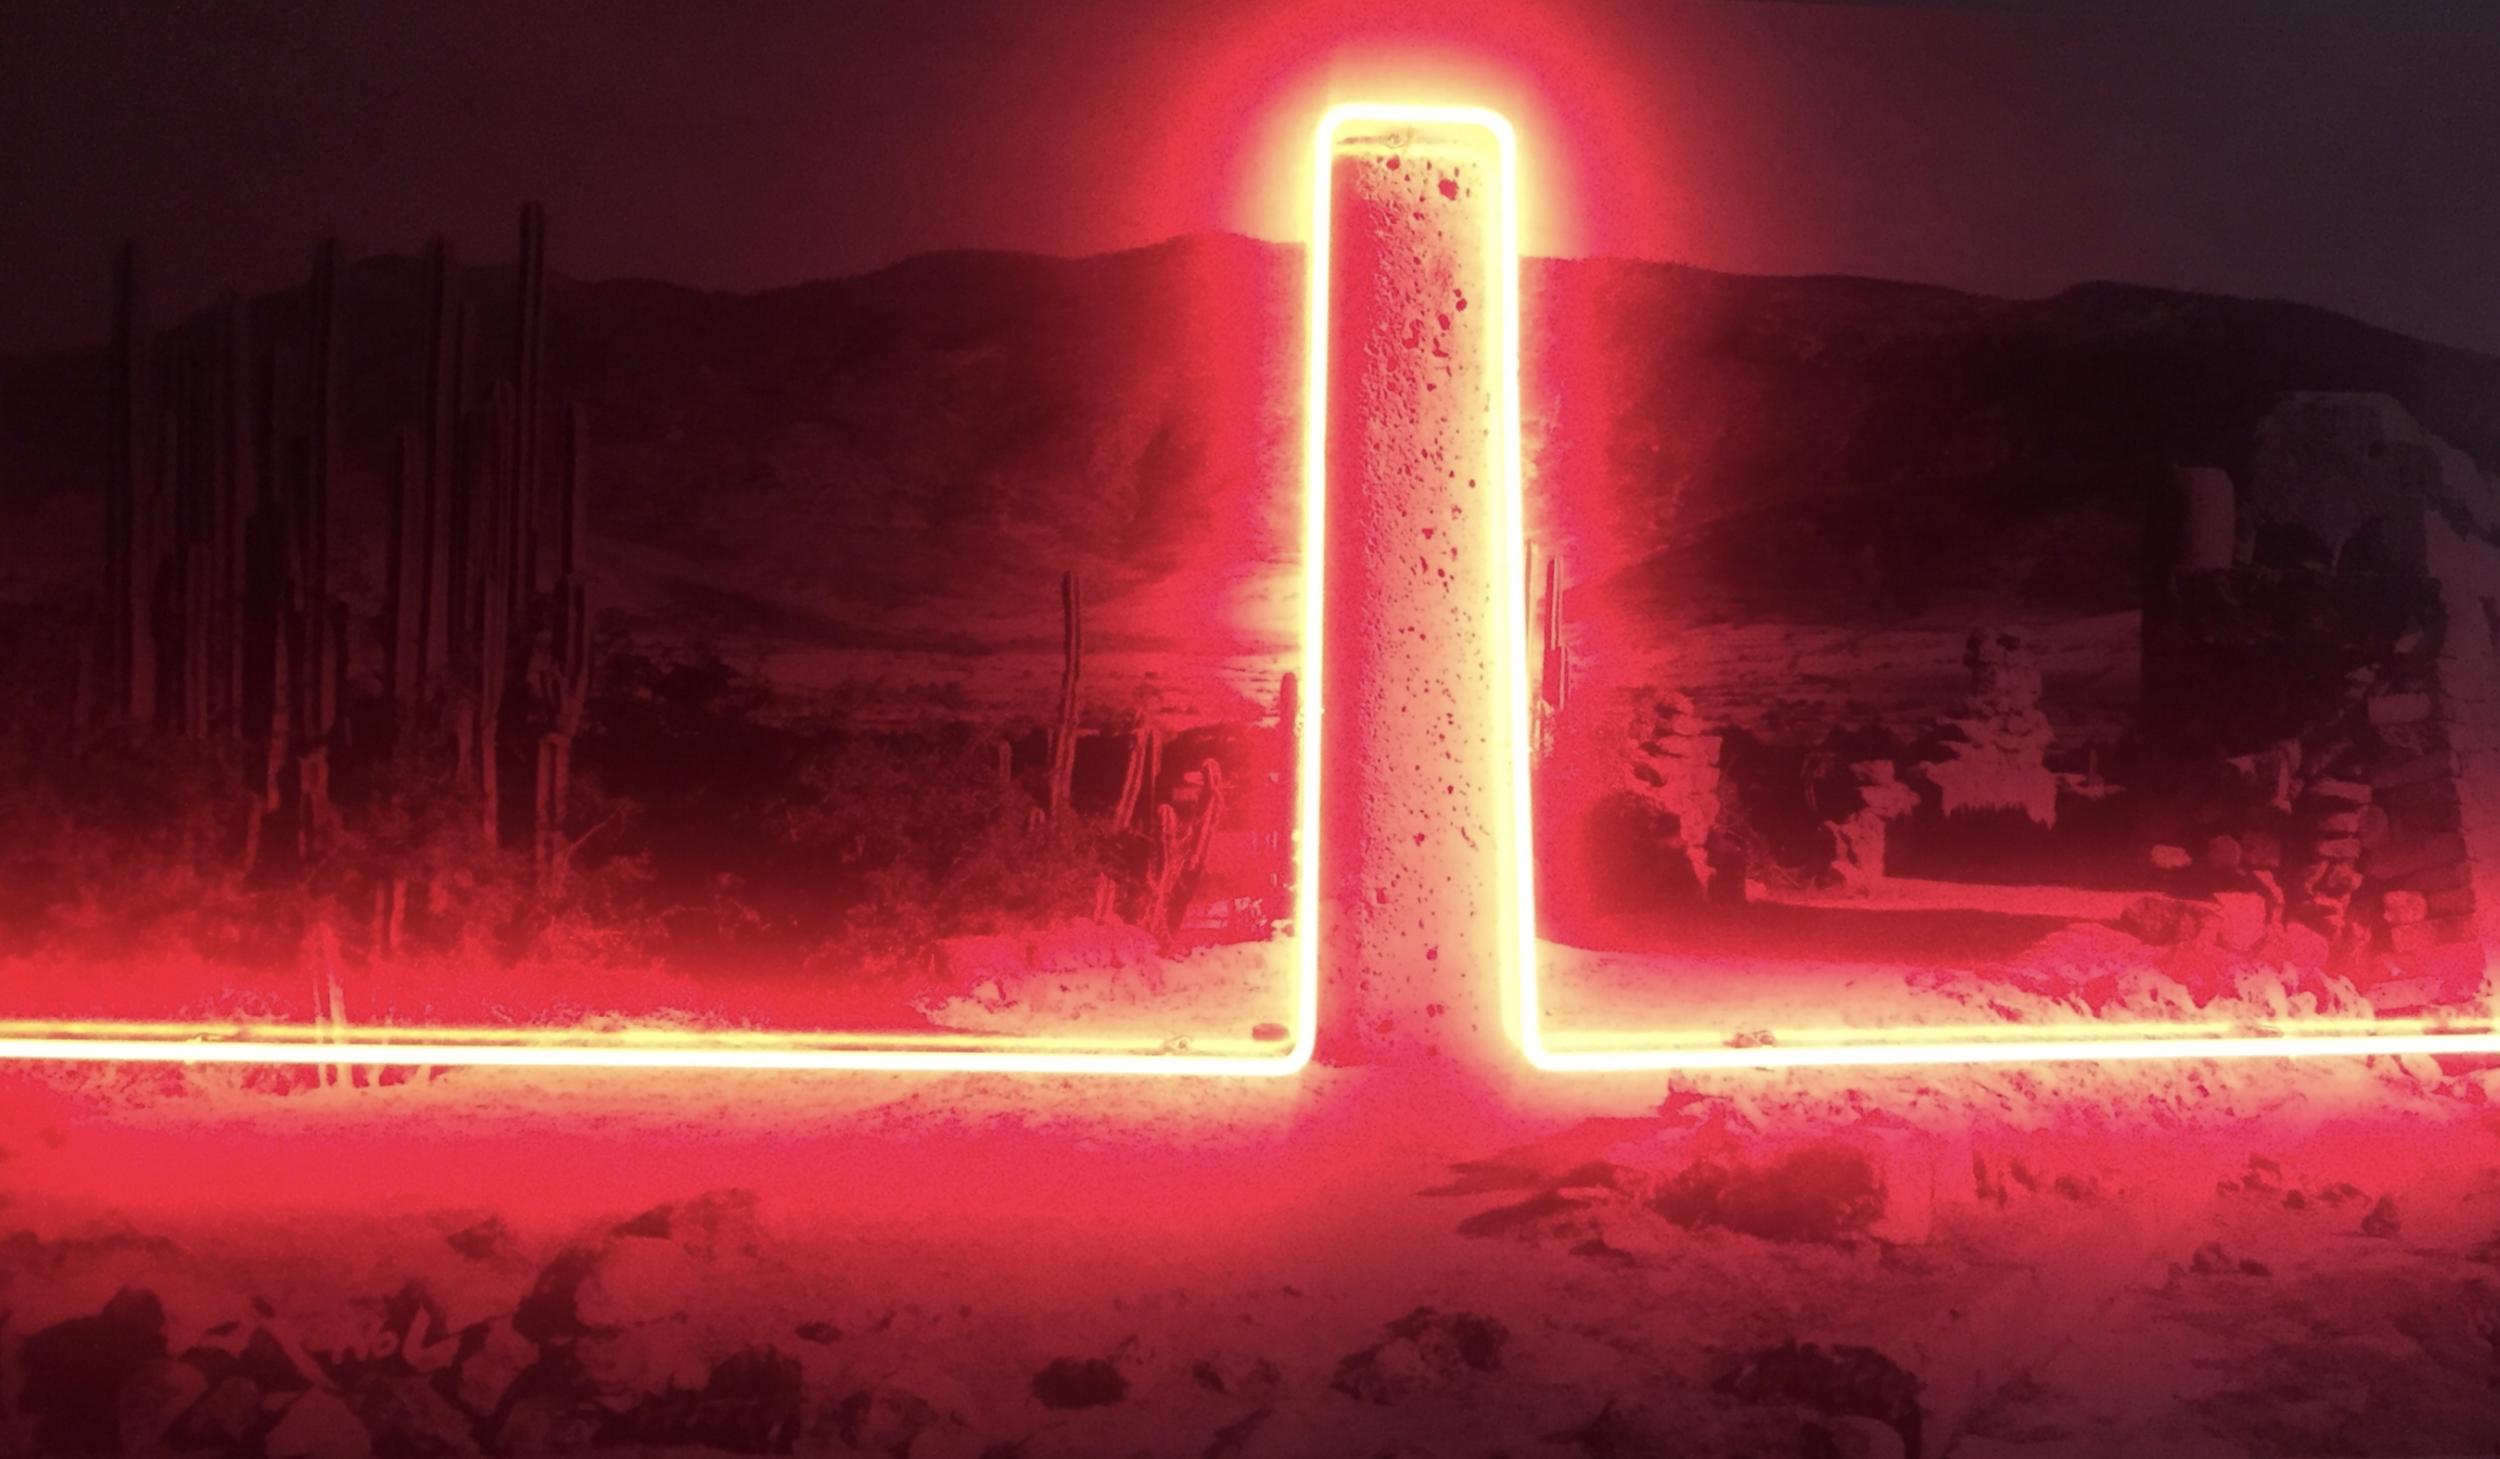 """""""Sin título"""", 2017. Autor:  Sabino Guisu  Técnica:  Fotografía y fluorescente   Medidas:  100 x 170 cm"""